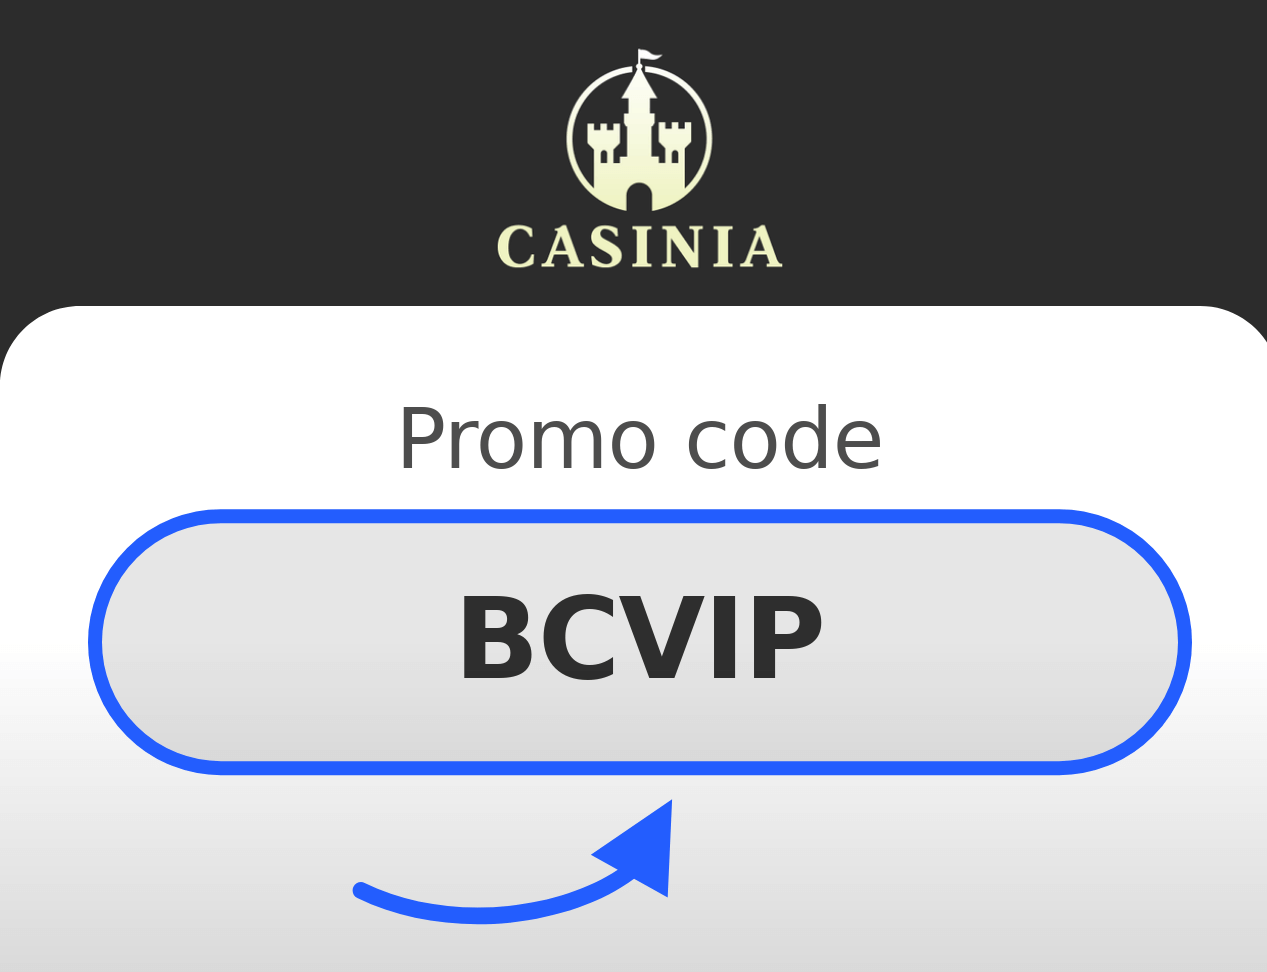 Casinia Promo Code